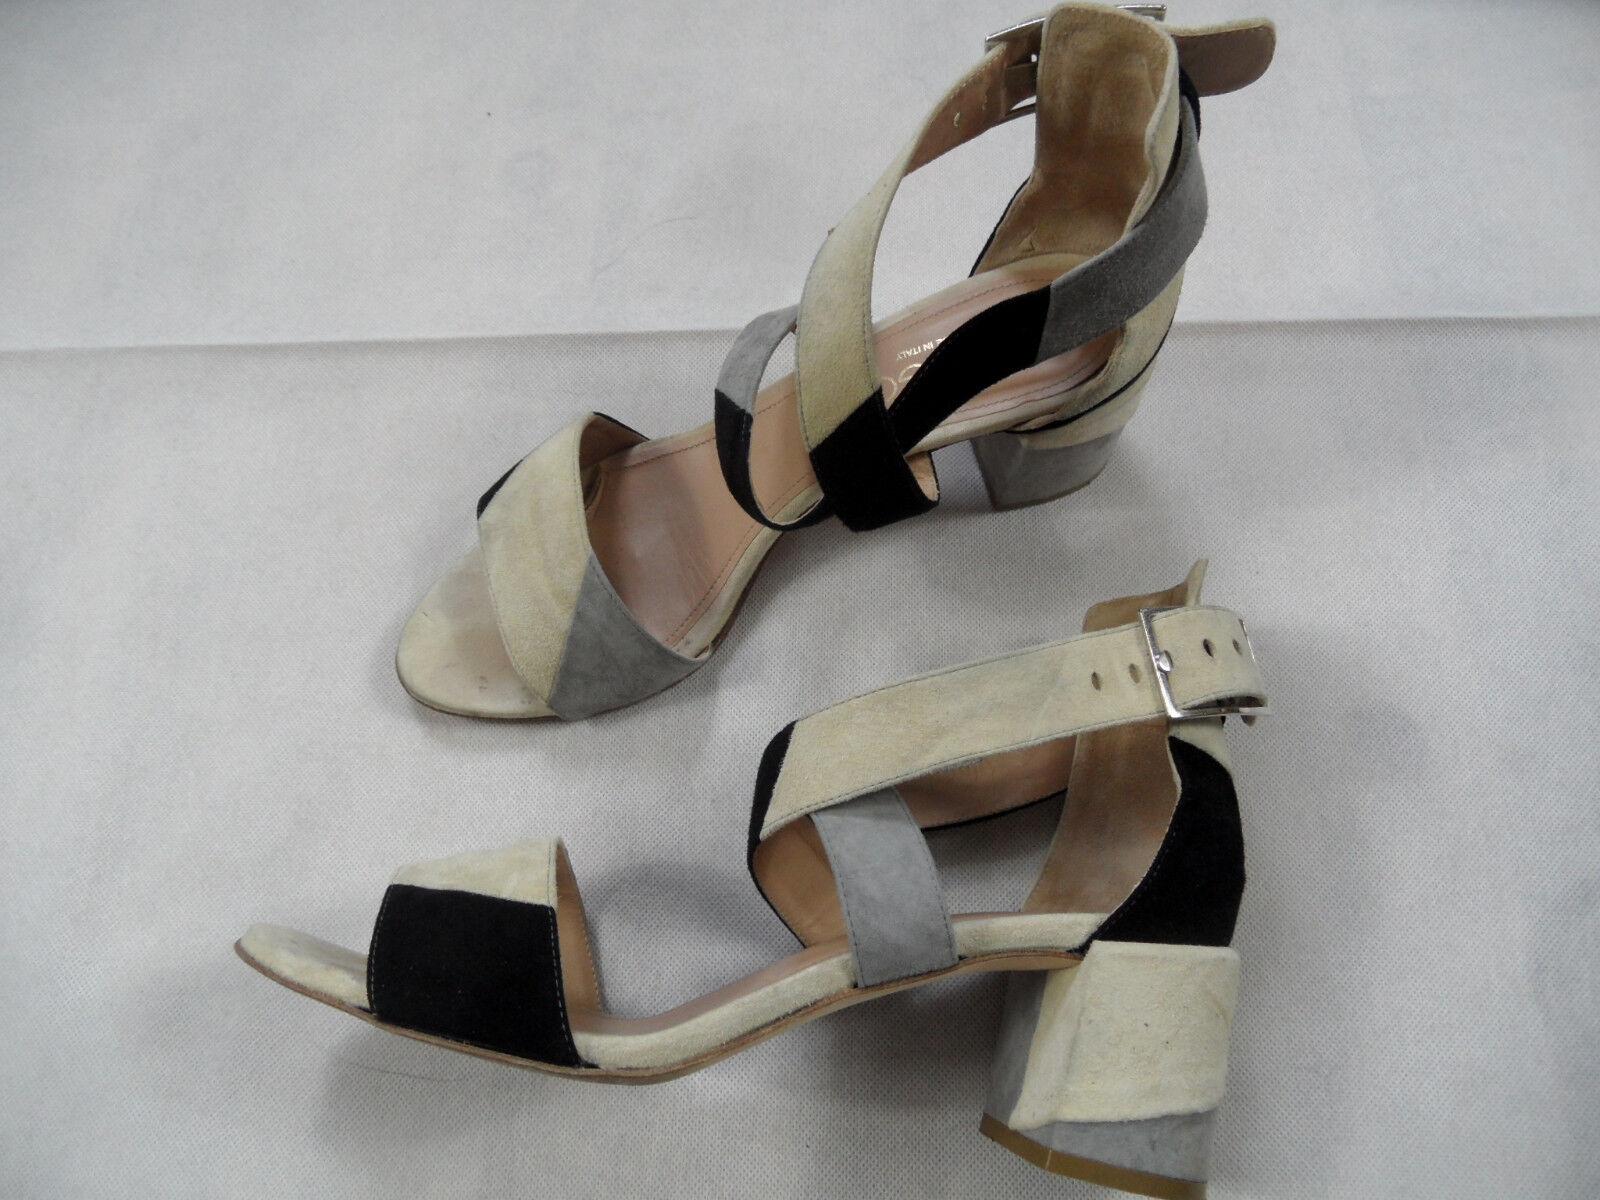 PREGO stylische Sandaletten Blockabsatz Nubukleder multicolour Gr. 41 TOP SJ718